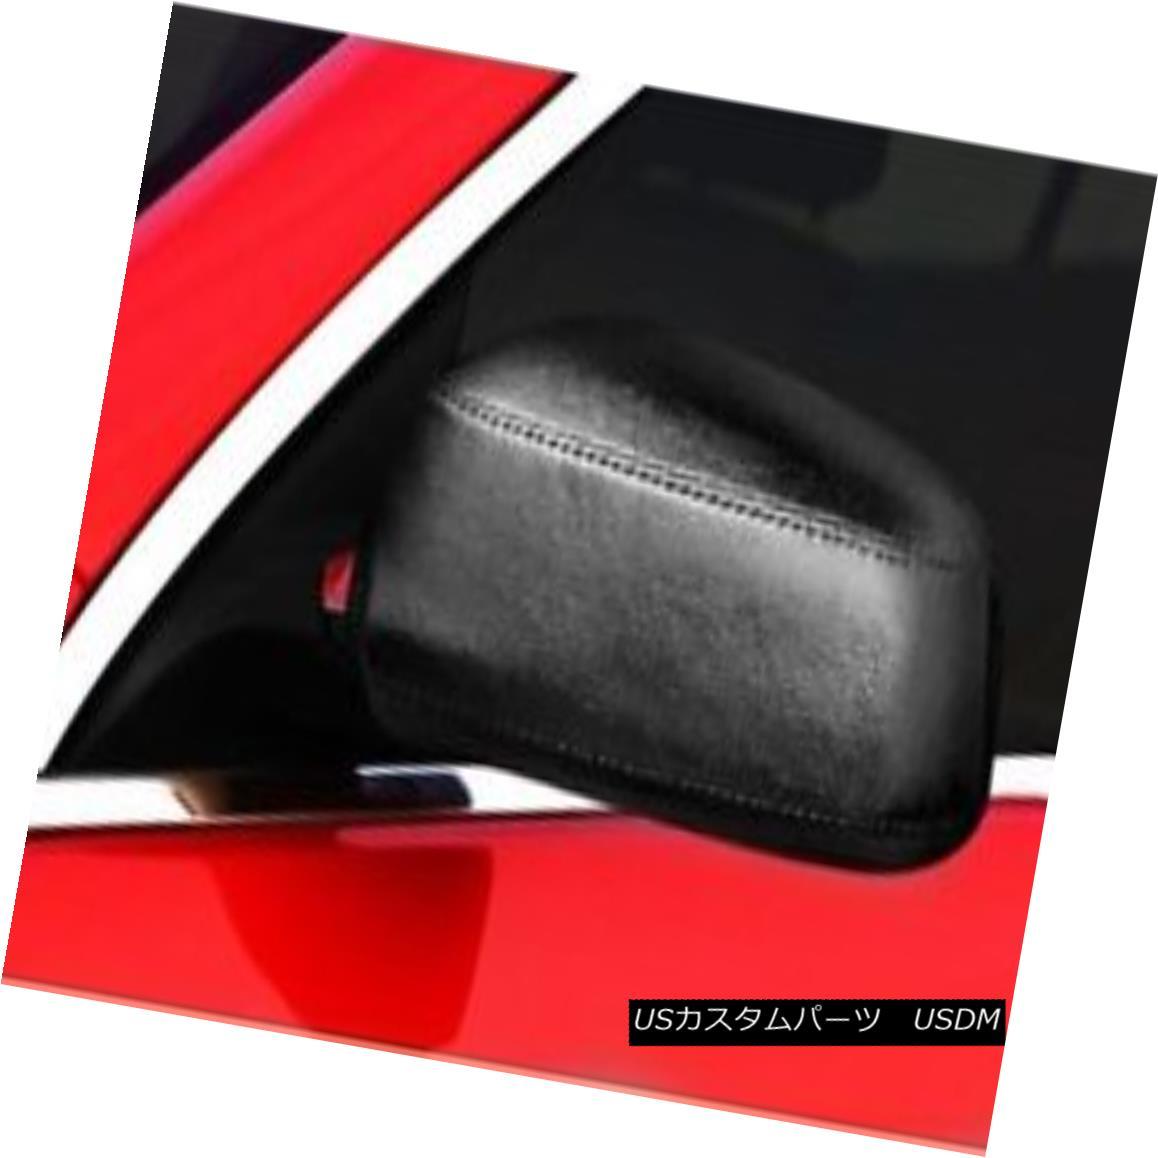 フルブラ ノーズブラ Colgan Car Mirror Covers Bra Protector Black Fits Cadillac CTS Sedan&Coupe 08-12 Colgan Car Mirror CoversブラジャープロテクターブラックCadillac CTSセダン&クーペ08-12